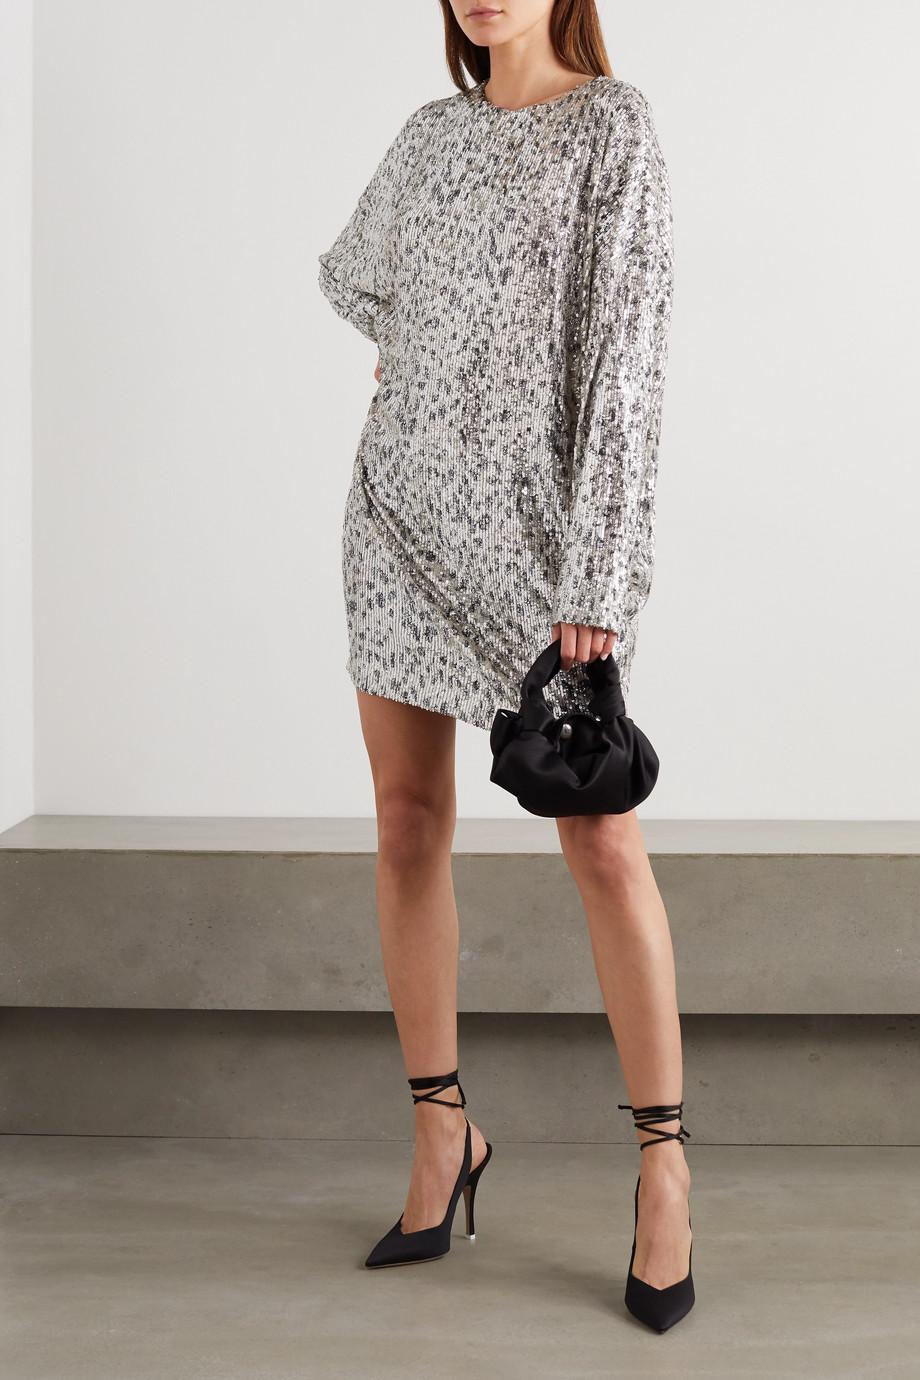 In The Mood For Love Alexandra Kleid aus Stretch-Tüll mit Pailletten